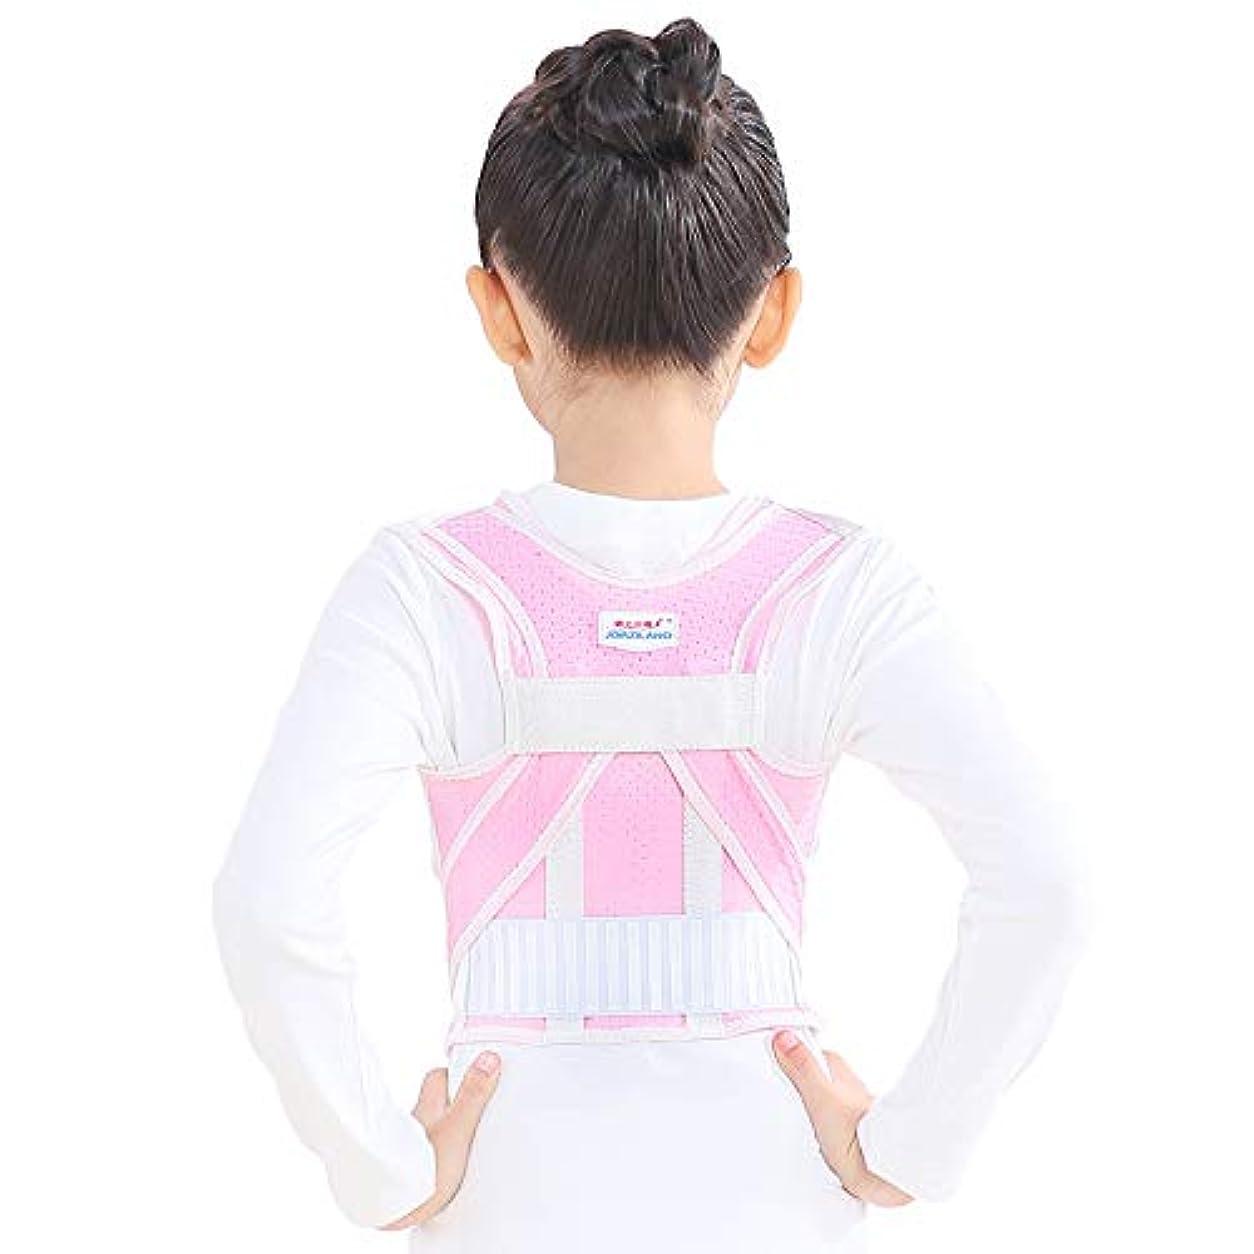 実り多いそのような投資背骨矯正による背中矯正の目に見えない矯正による背中矯正姿勢,Pink,XXL